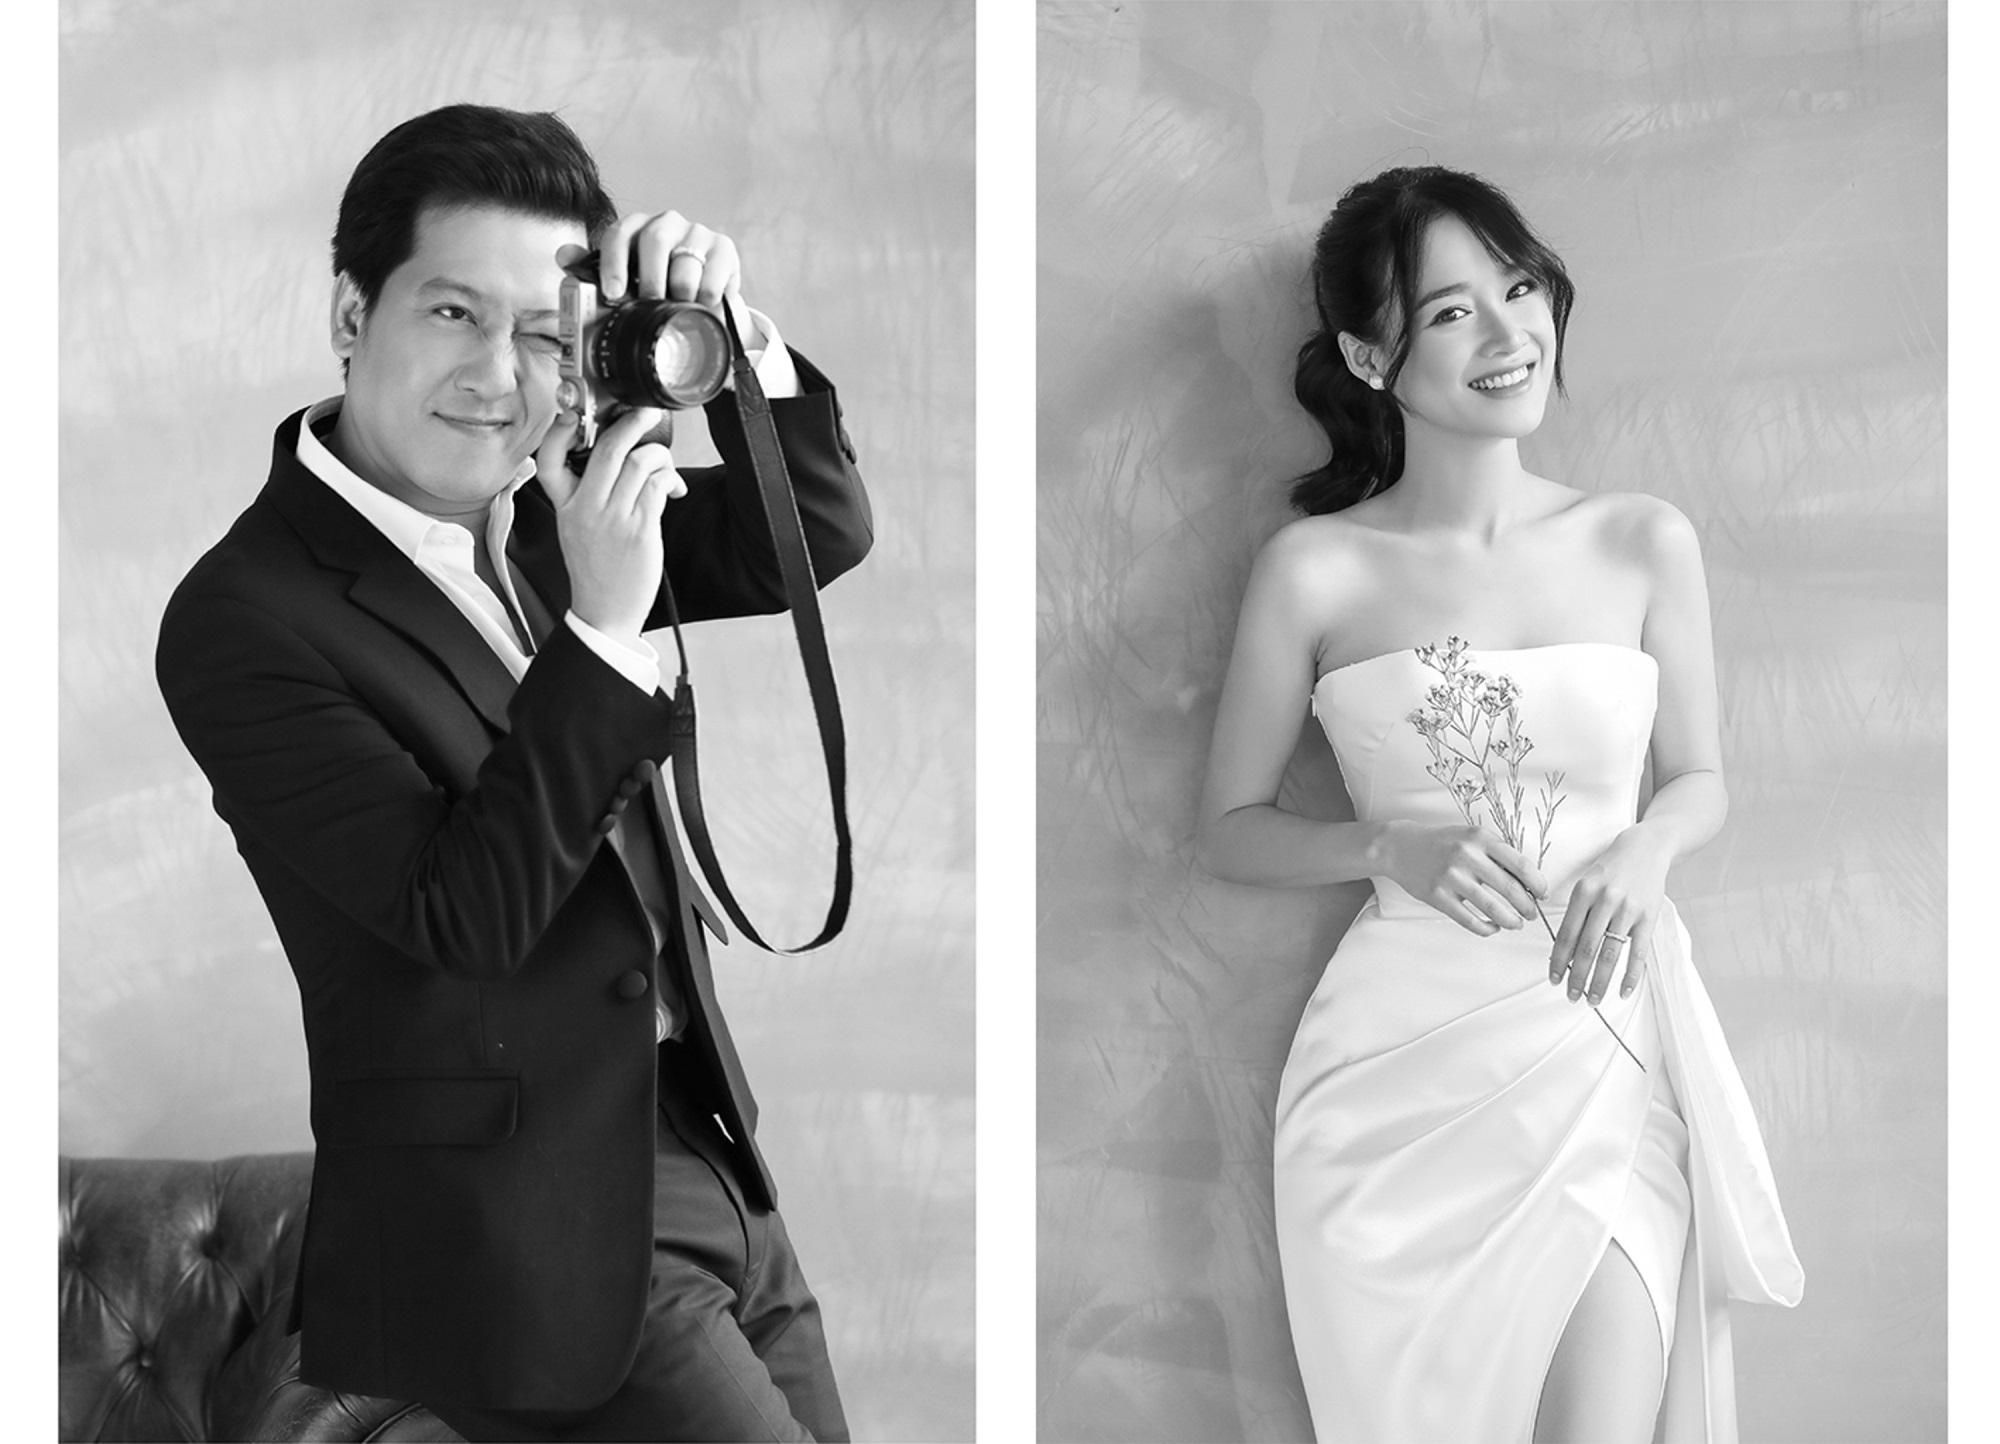 'Rụng tim' khi ngắm trọn bộ ảnh cưới đẹp như tranh vẽ của Trường Giang - Nhã Phương - Ảnh 9